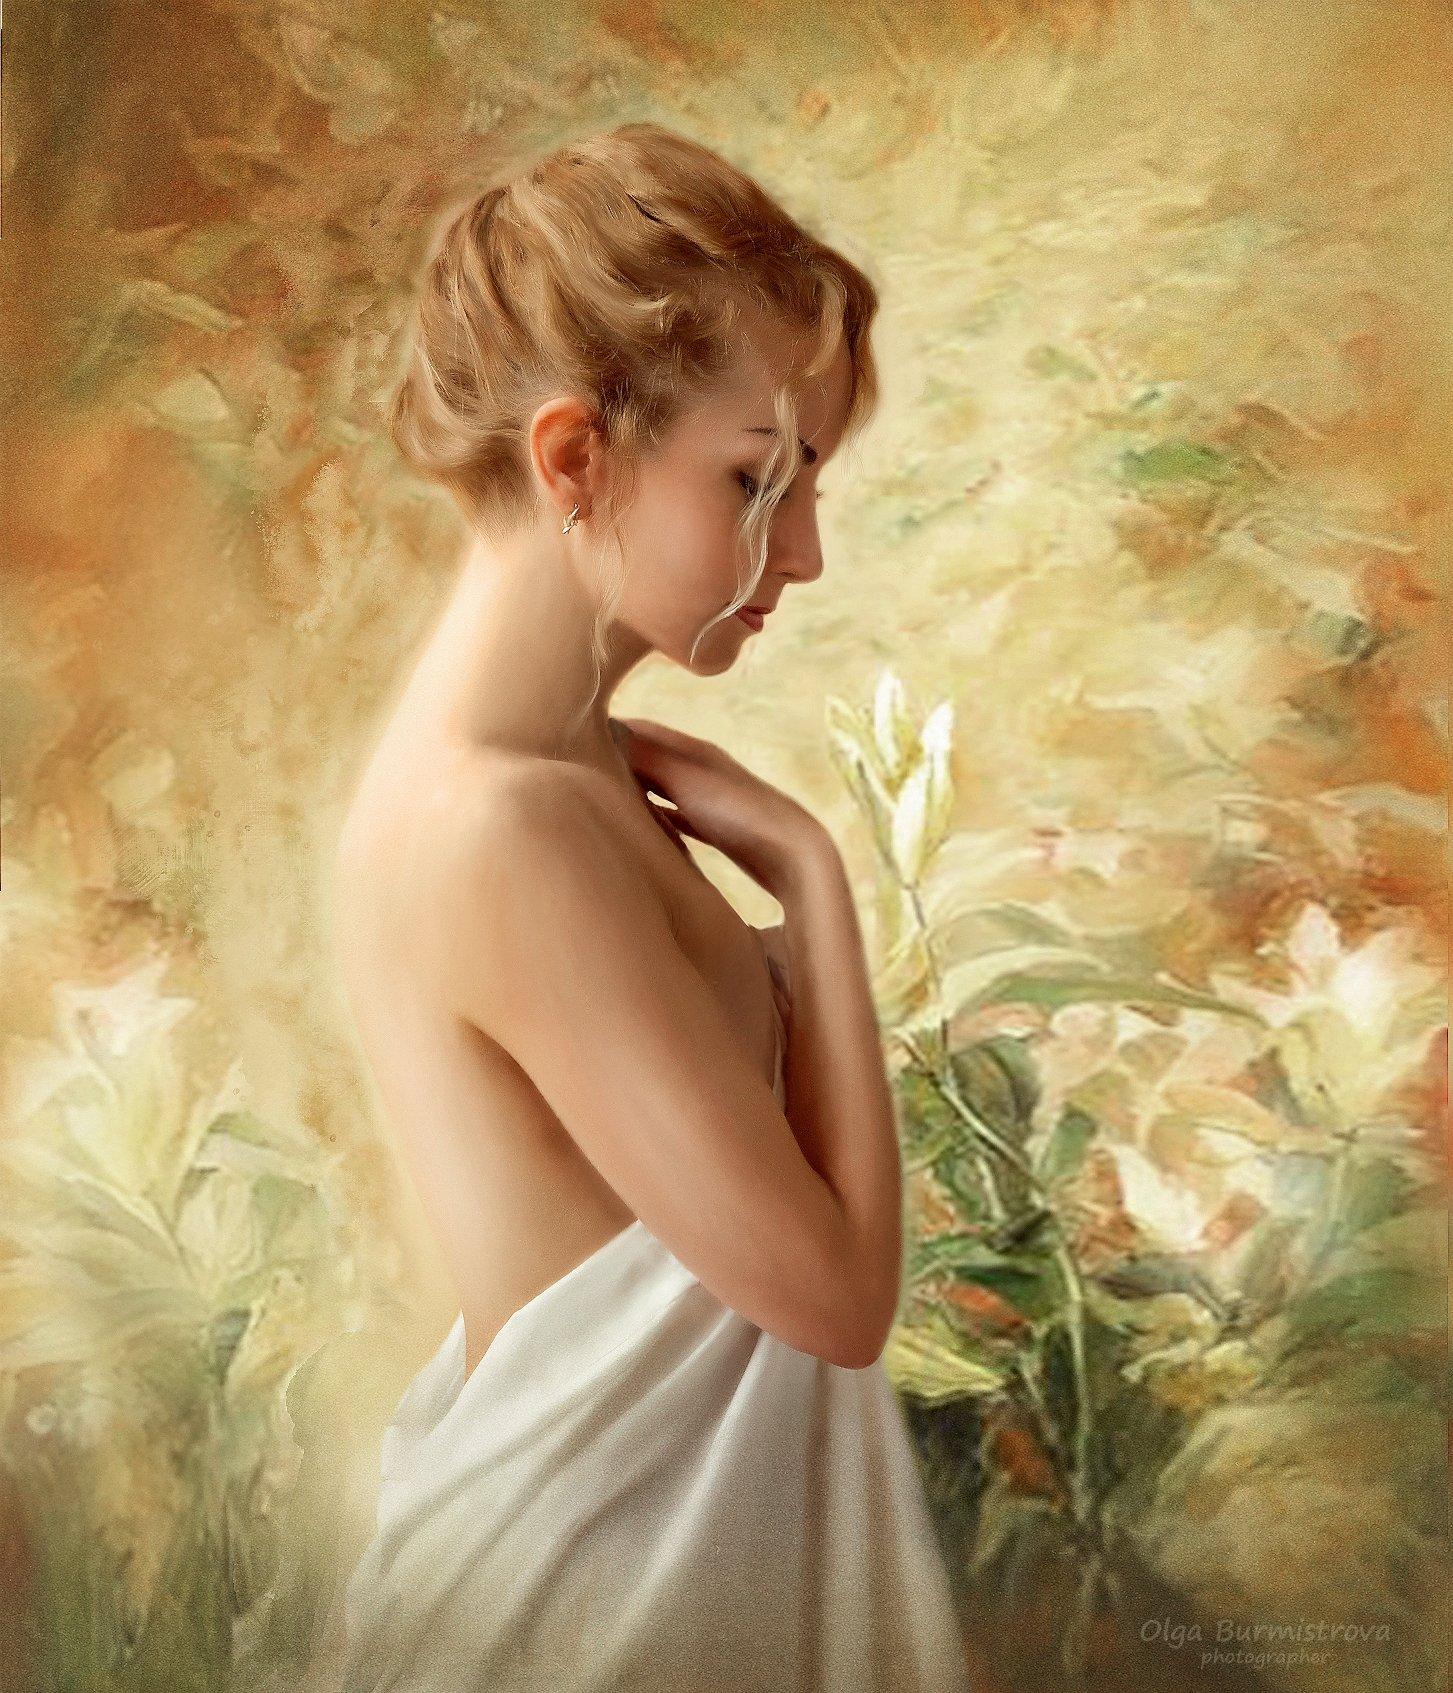 девушка, блондинка, белые лилии, цветы, фотоарт, Ольга Бурмистрова